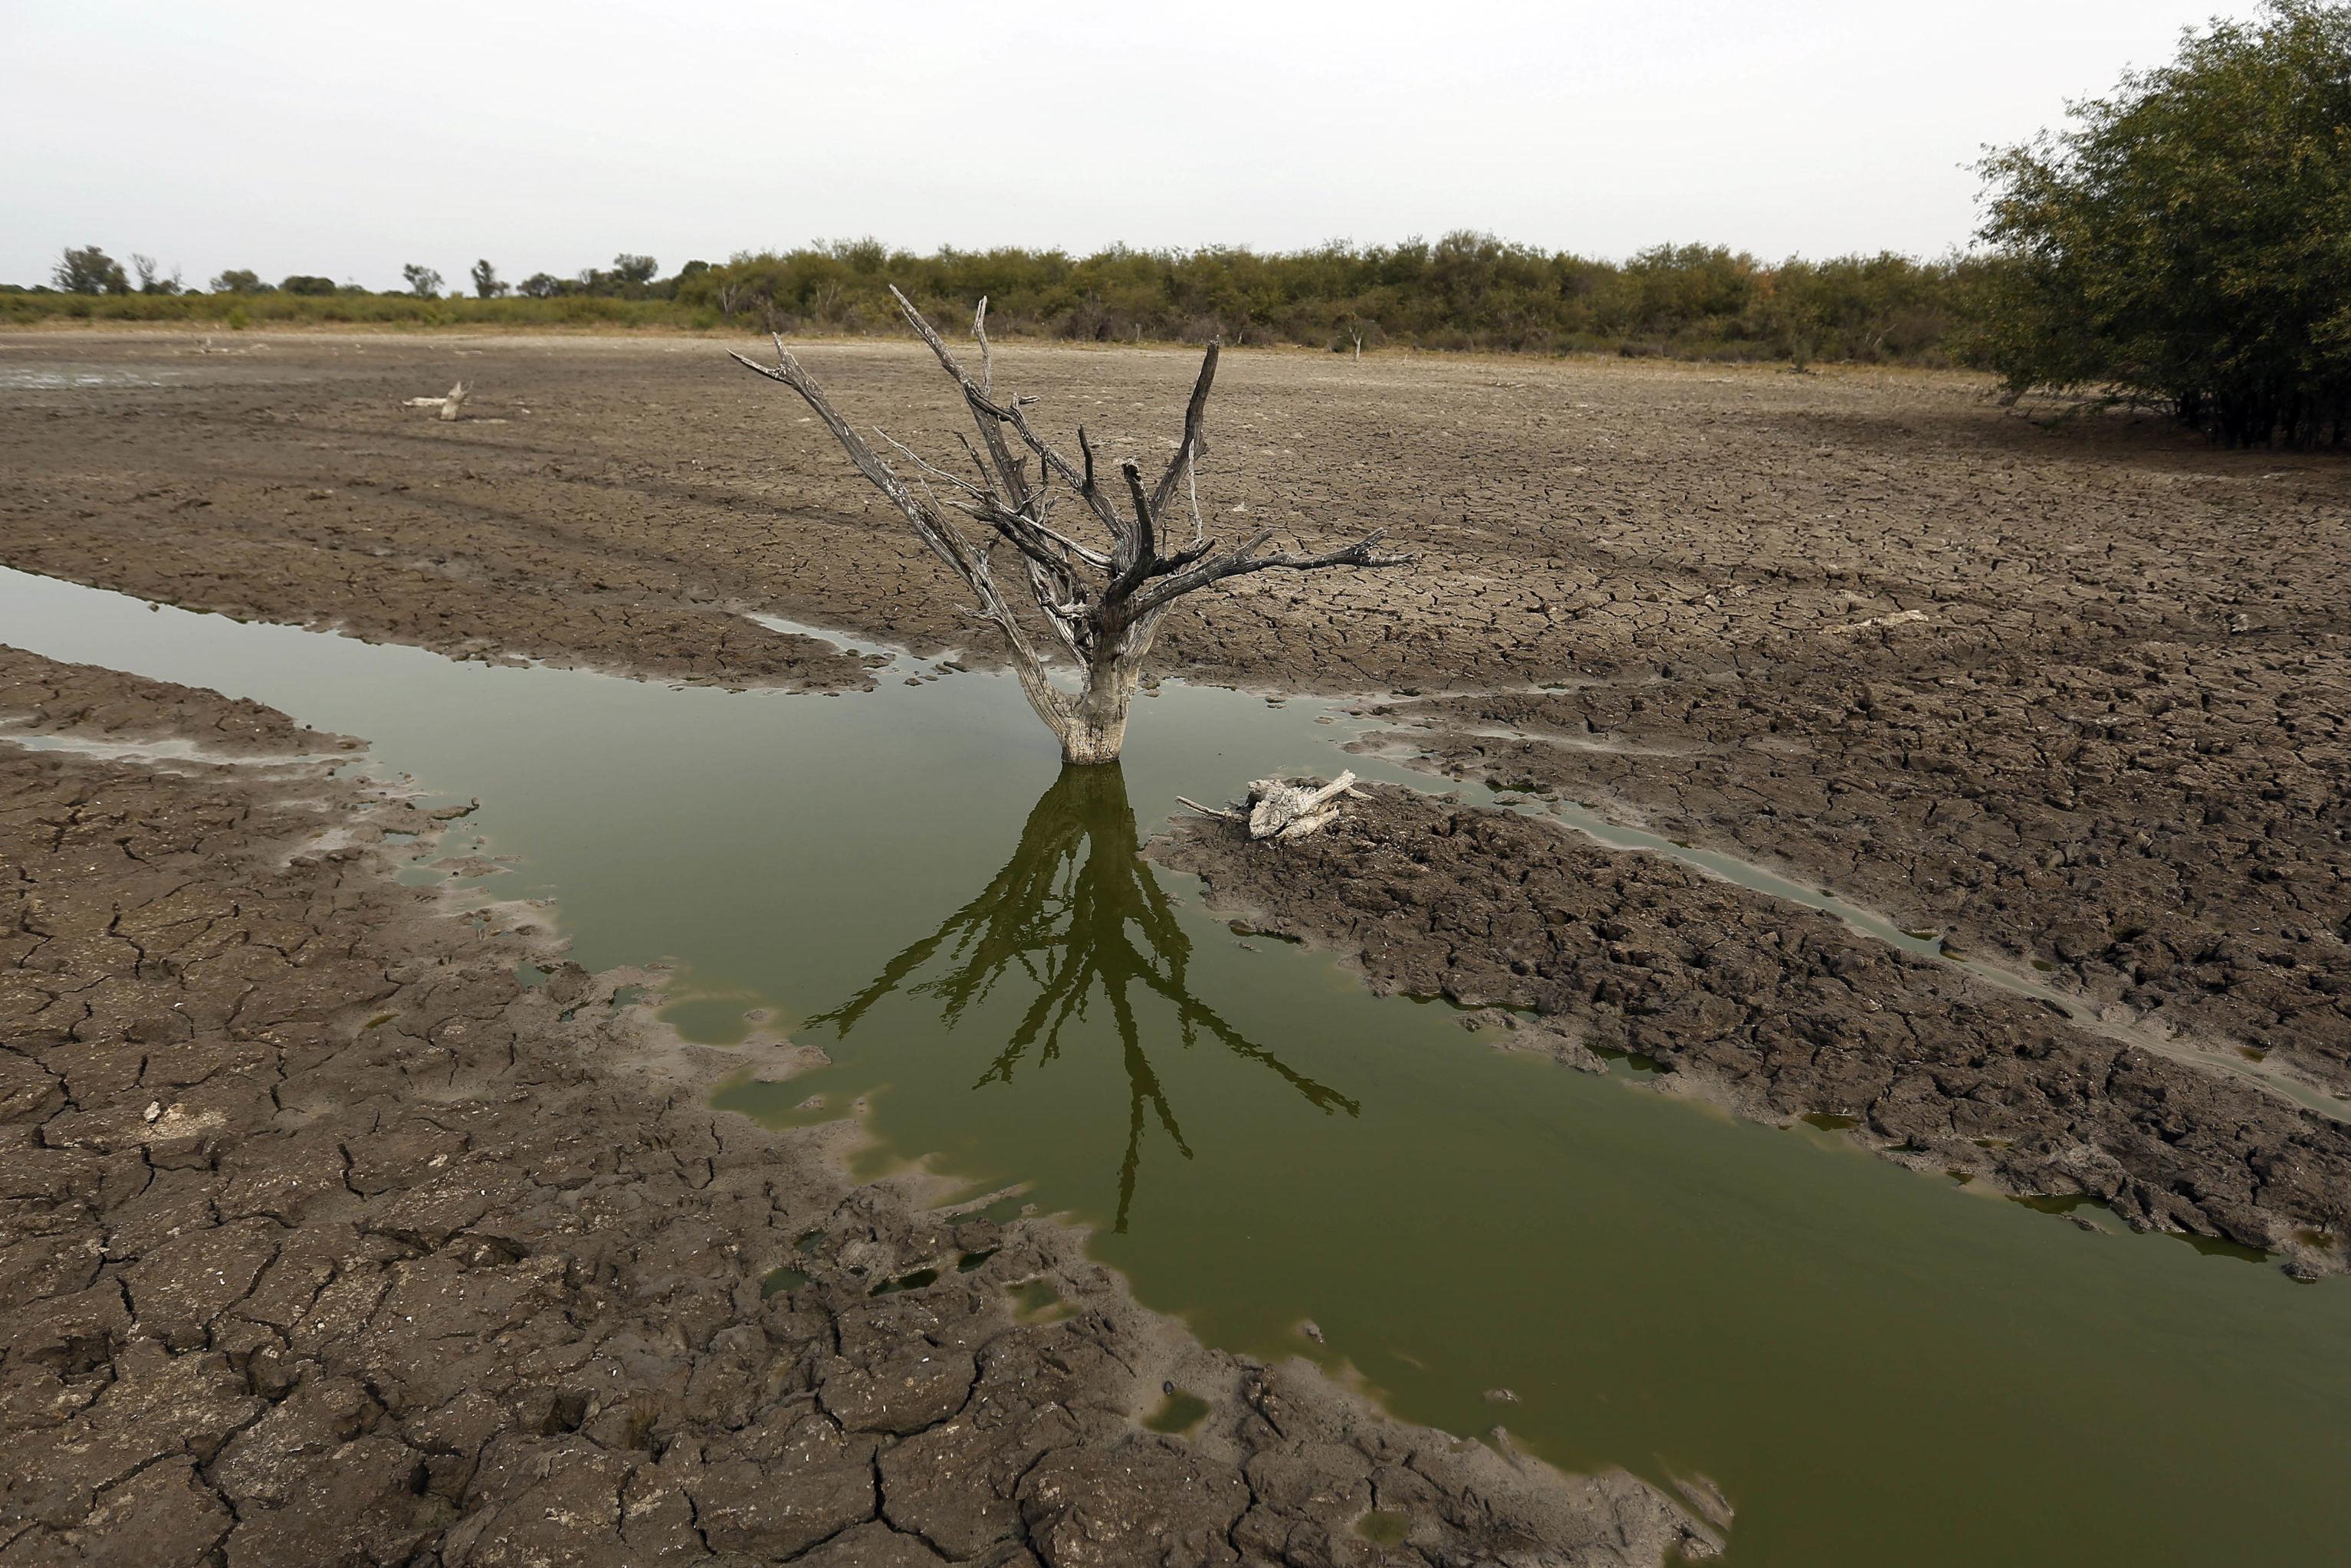 Tronco de árvore dentro do que resta do rio Pilcomayo, na região florestal conhecida como Chaco, no Paraguai, 25 de junho de 2016